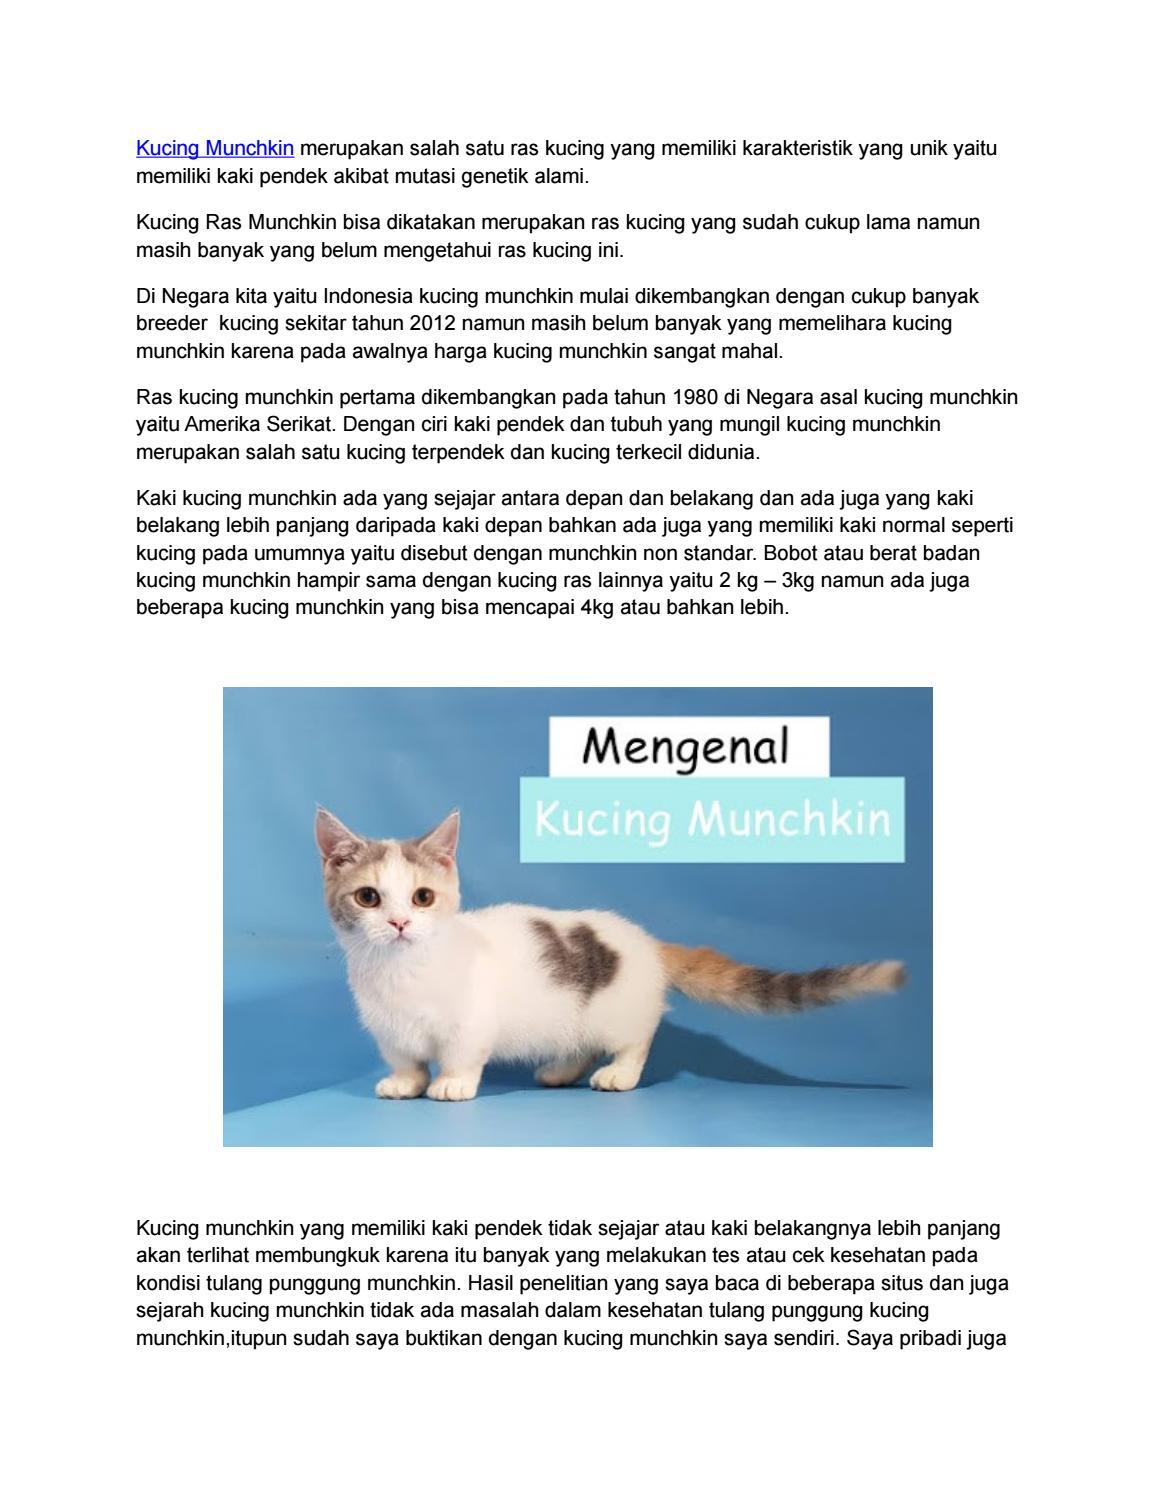 Mengenal Kucing Munchkin Kucing Lucu Dengan Kaki Pendek By Lima Sembilan Cattery Issuu